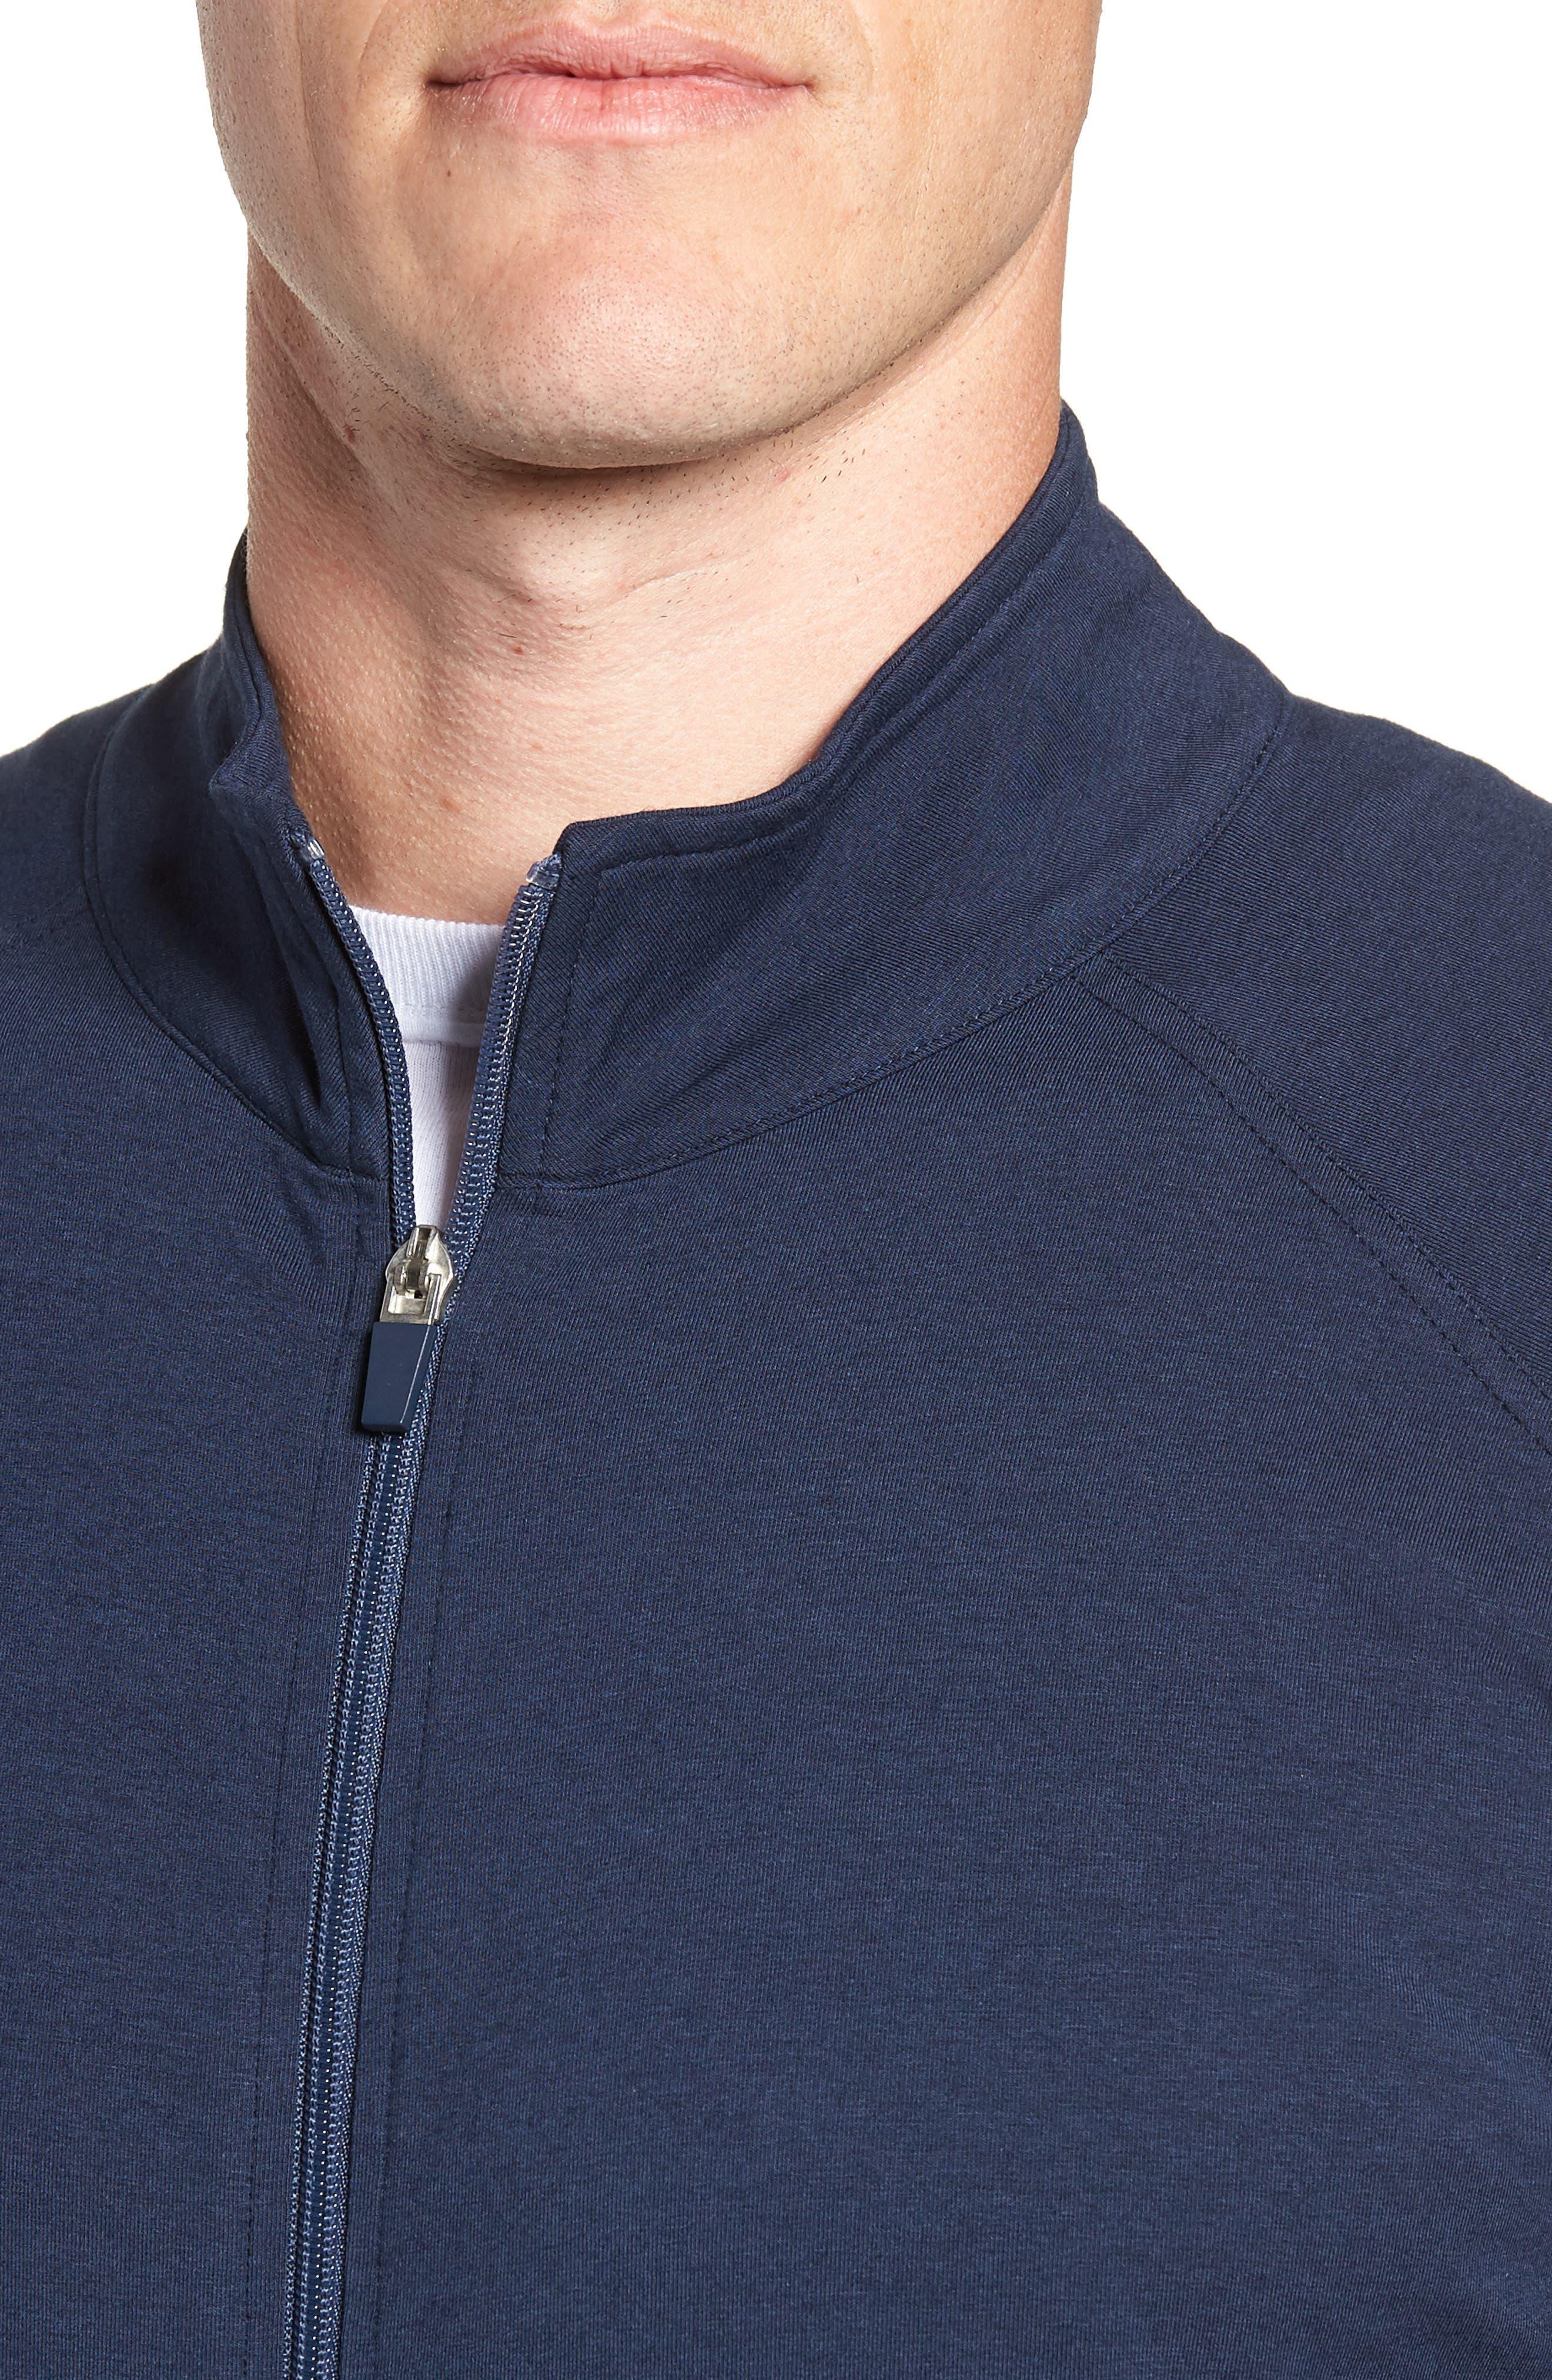 TASC PERFORMANCE,                             Carrollton Zip Jacket,                             Alternate thumbnail 4, color,                             CLASSIC NAVY